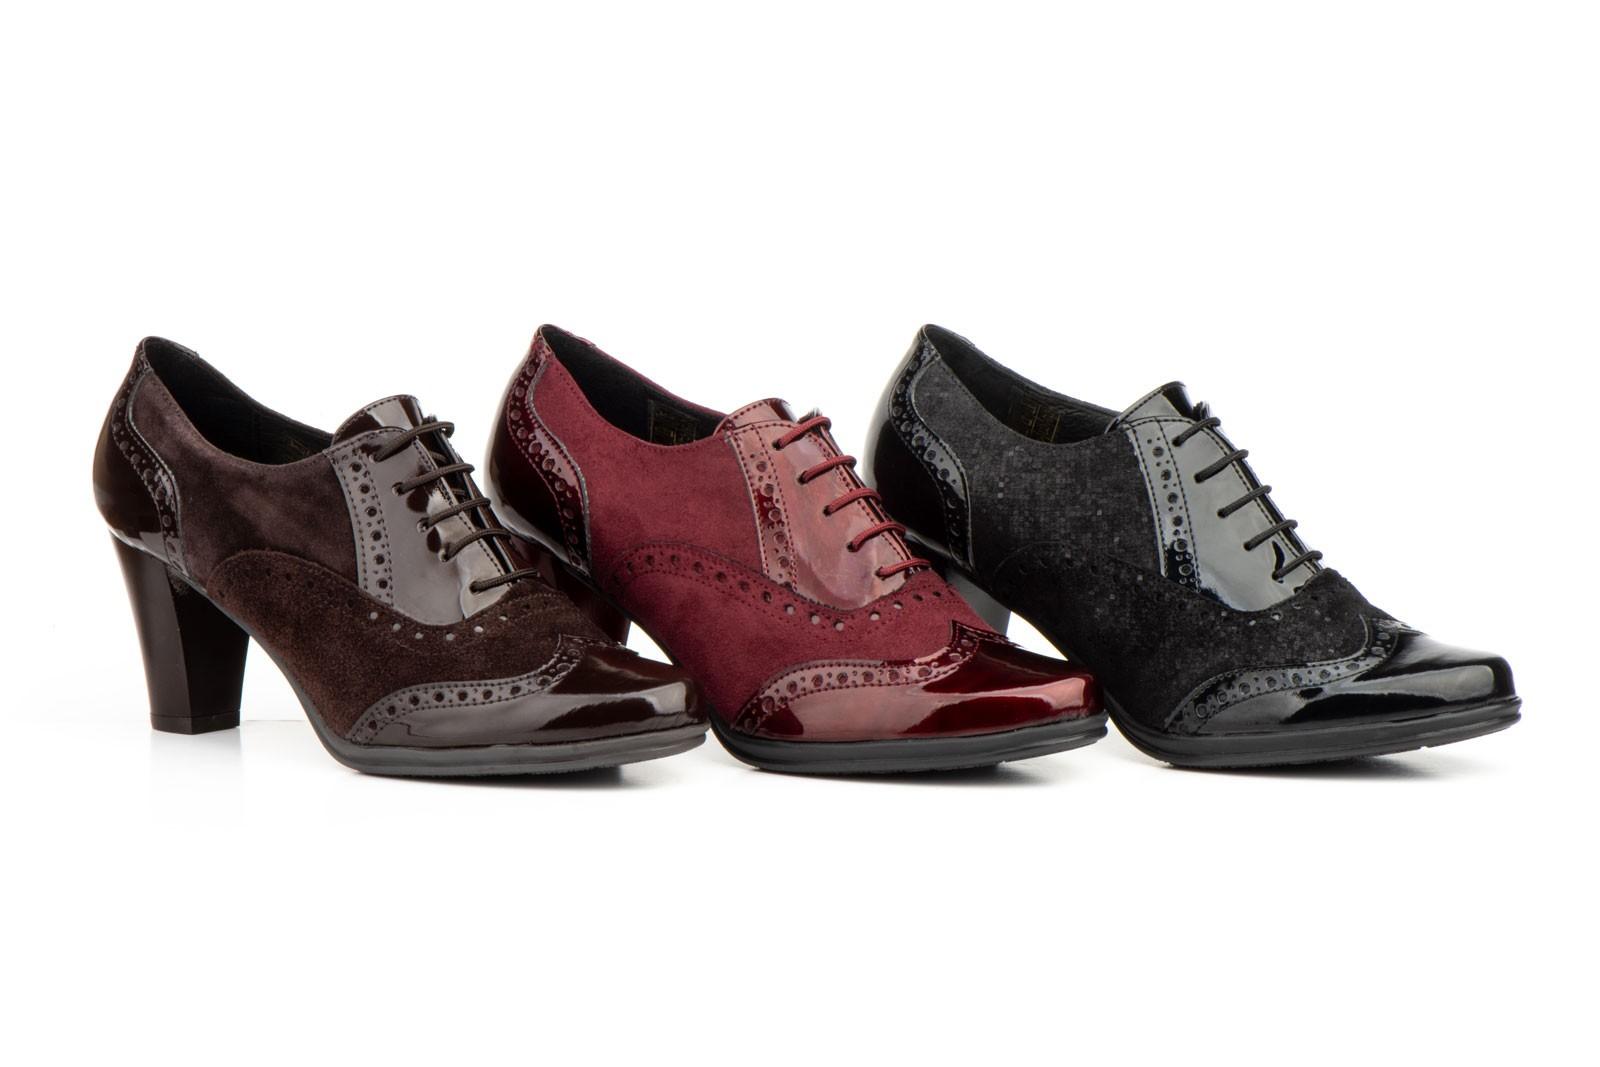 3defda57 Zapatos Mujer Ingles Piel Charol Cordones Tacón JAM-5581 49,00 €